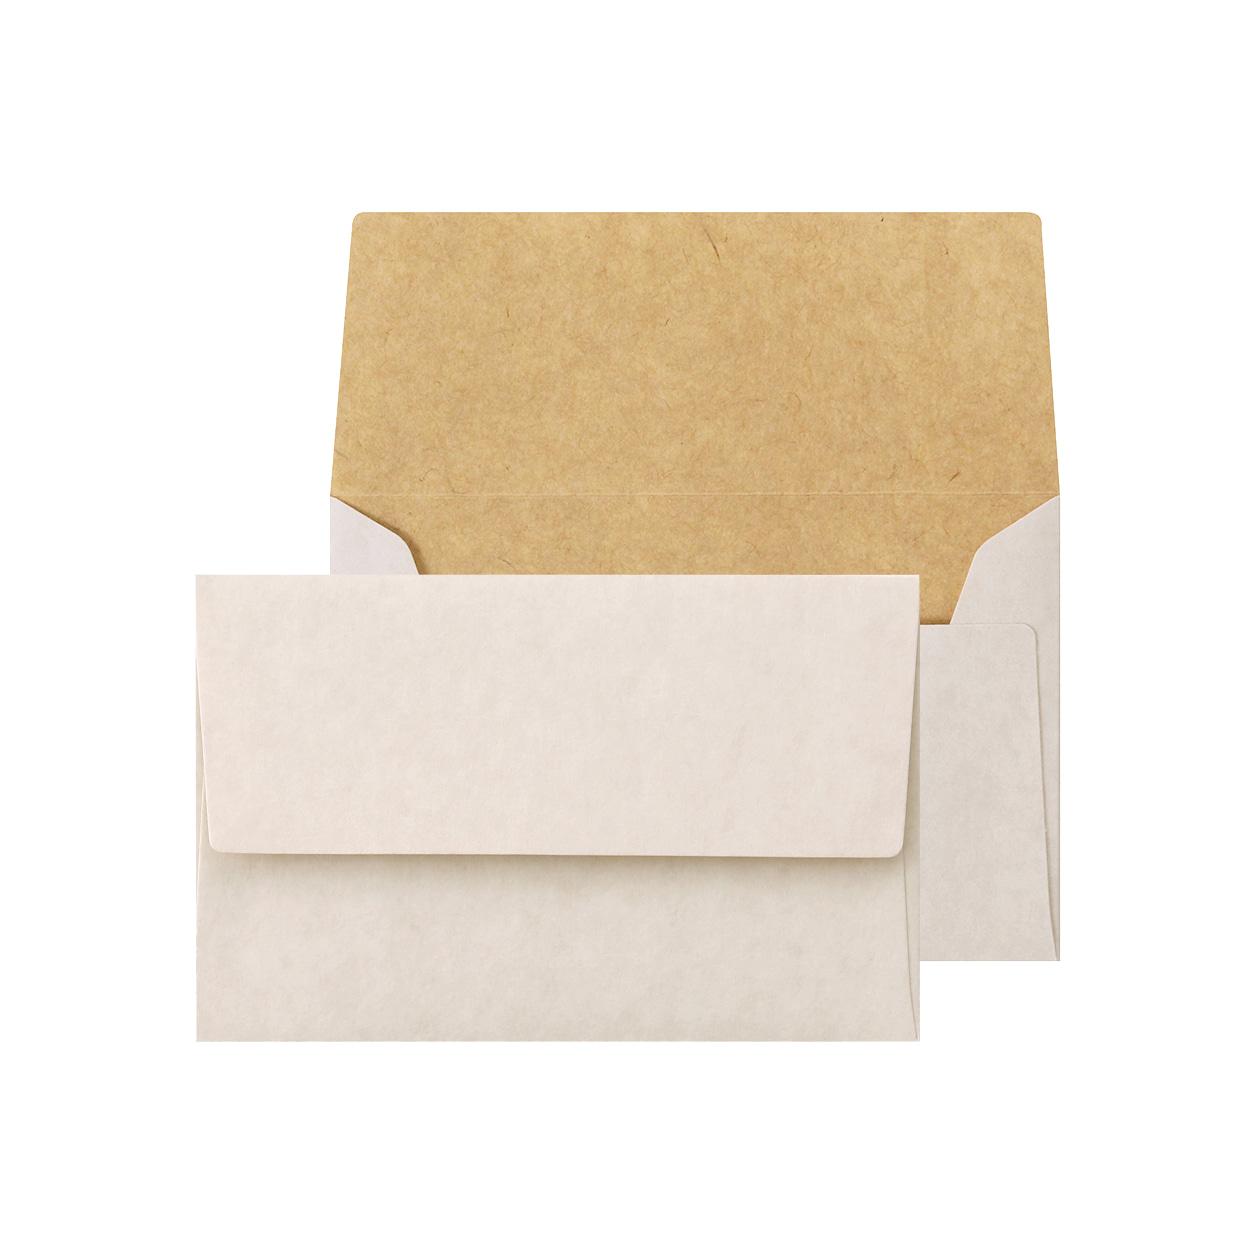 NEカマス封筒 ホワイトクラフト 100g